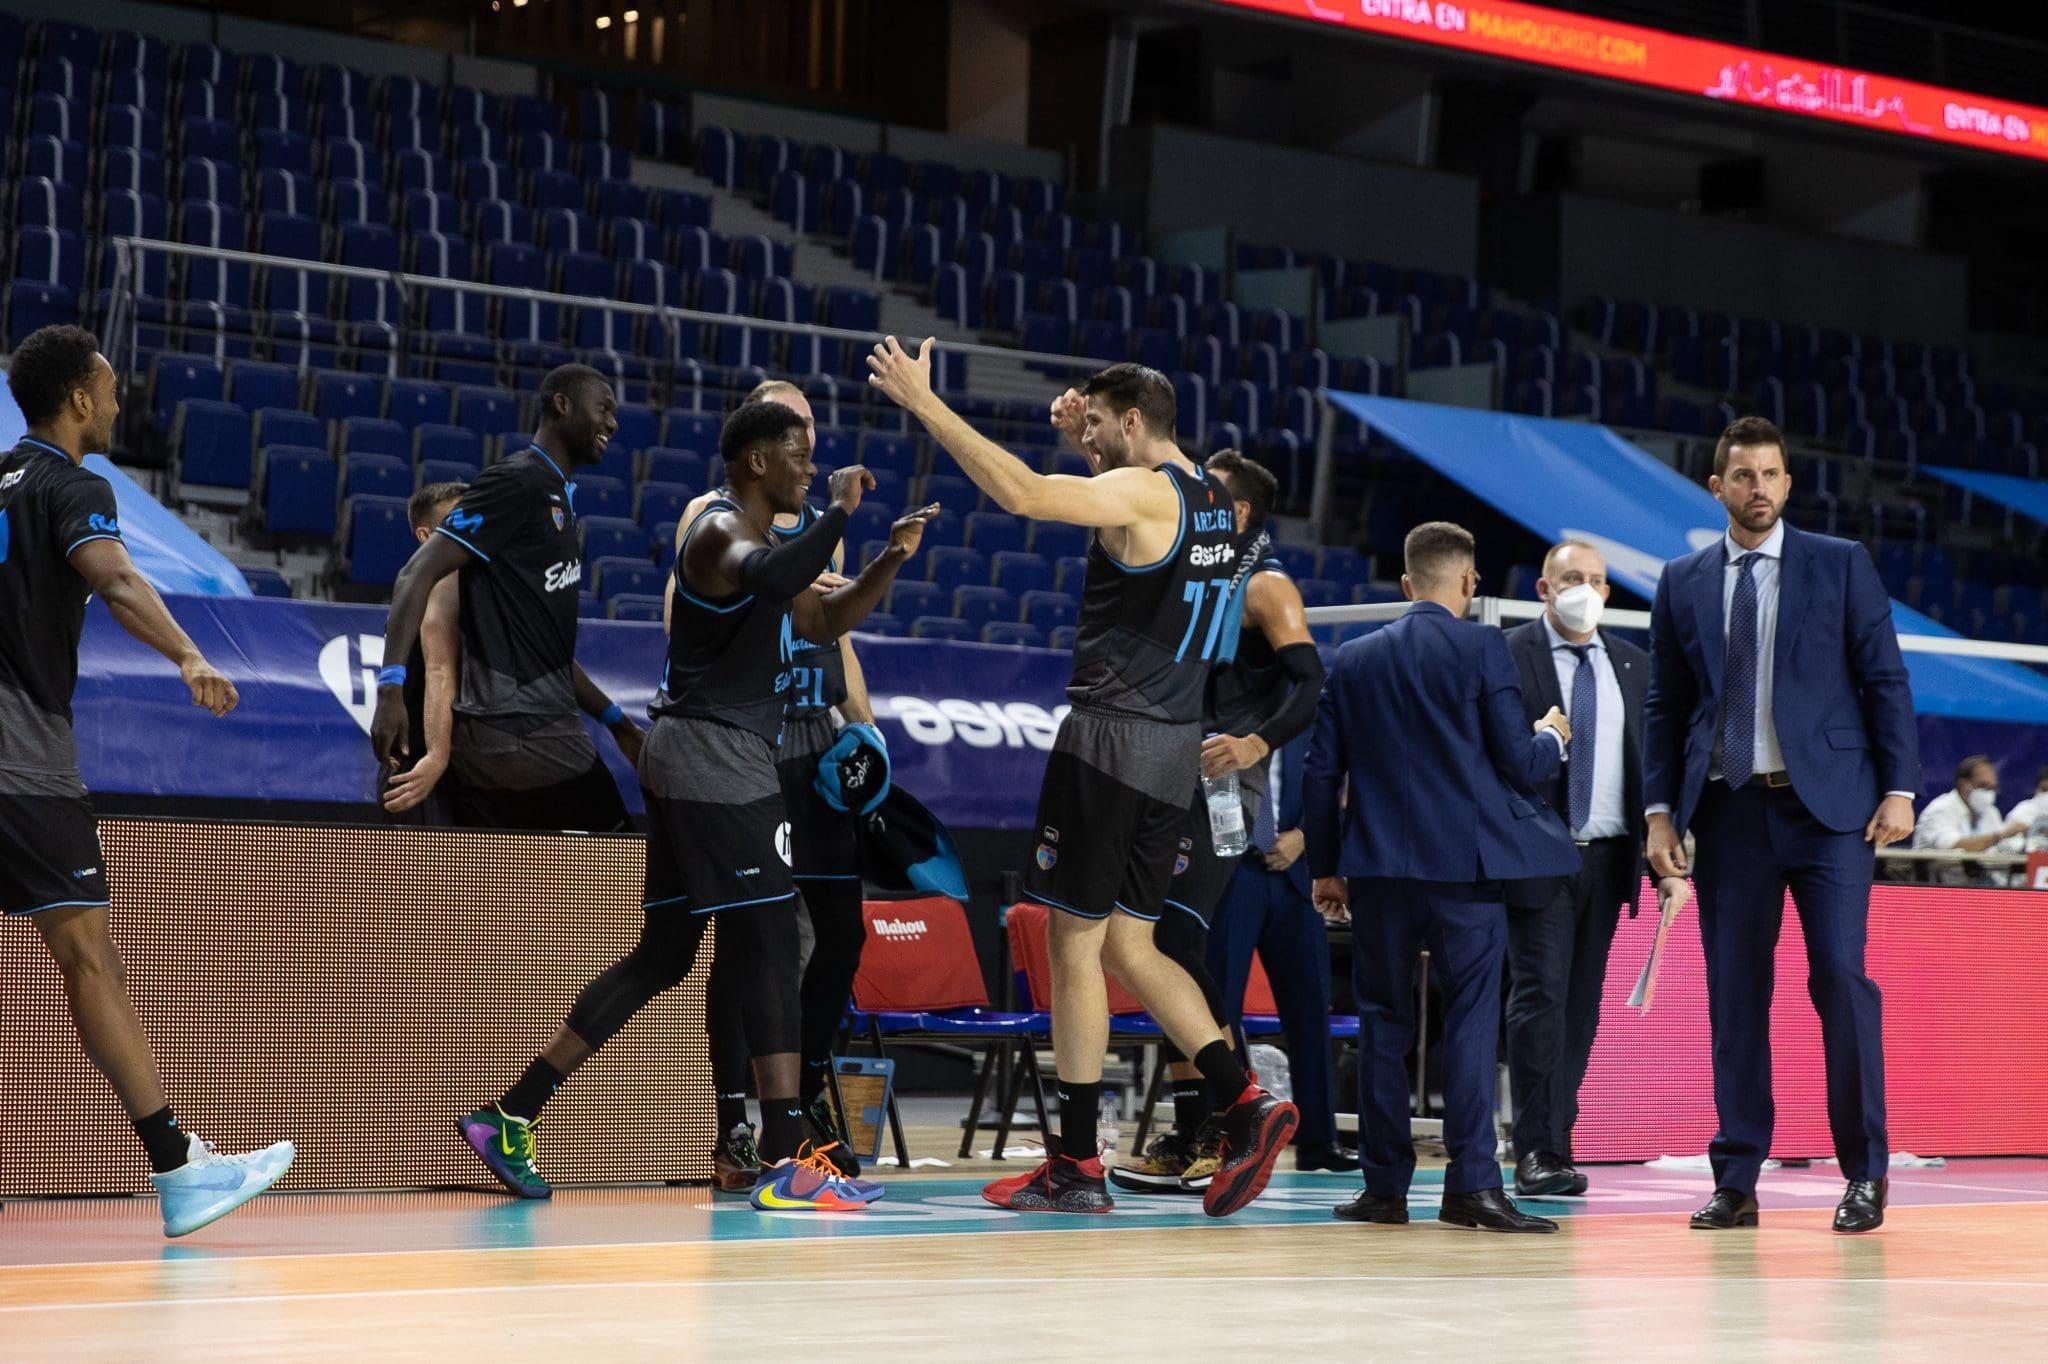 ACB: dominar el rebote, ganar el partido (94-68)